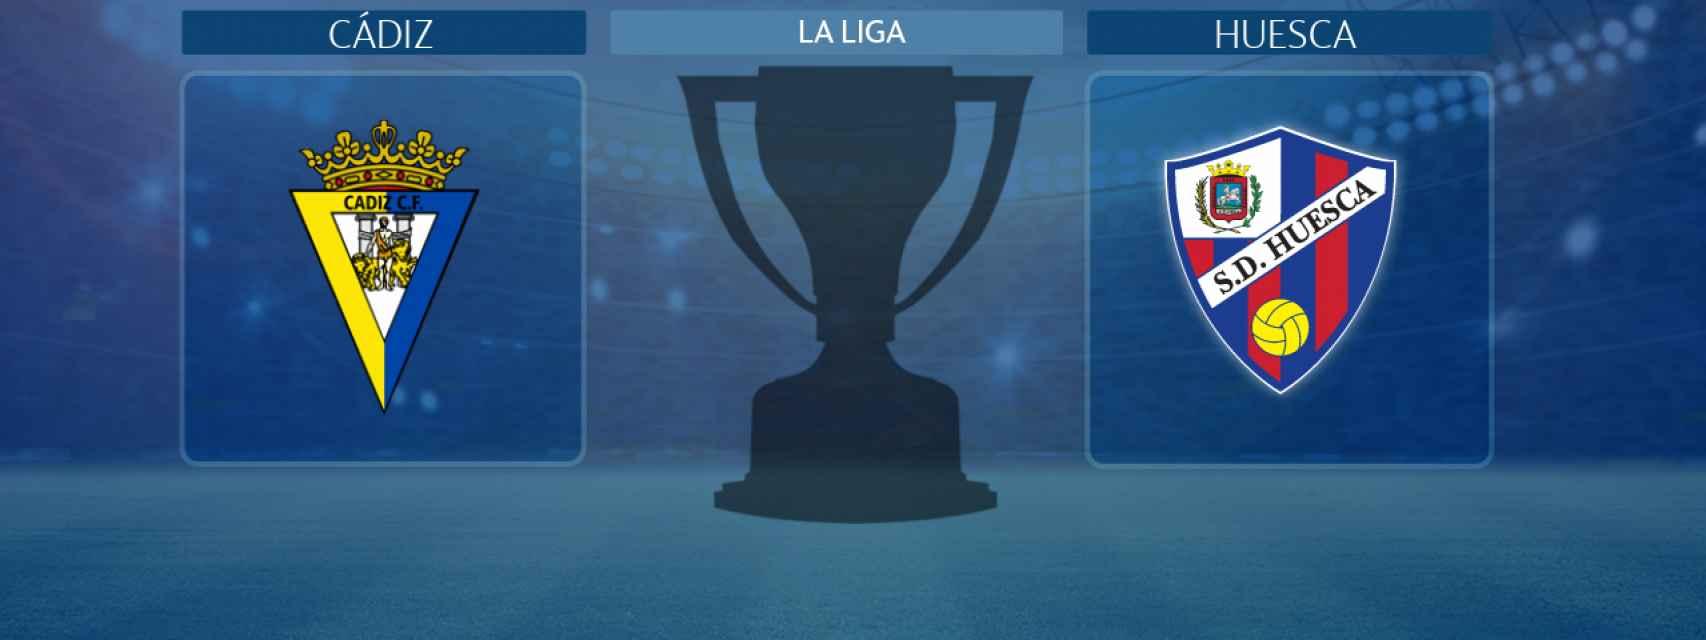 Cádiz - Huesca, partido de La Liga